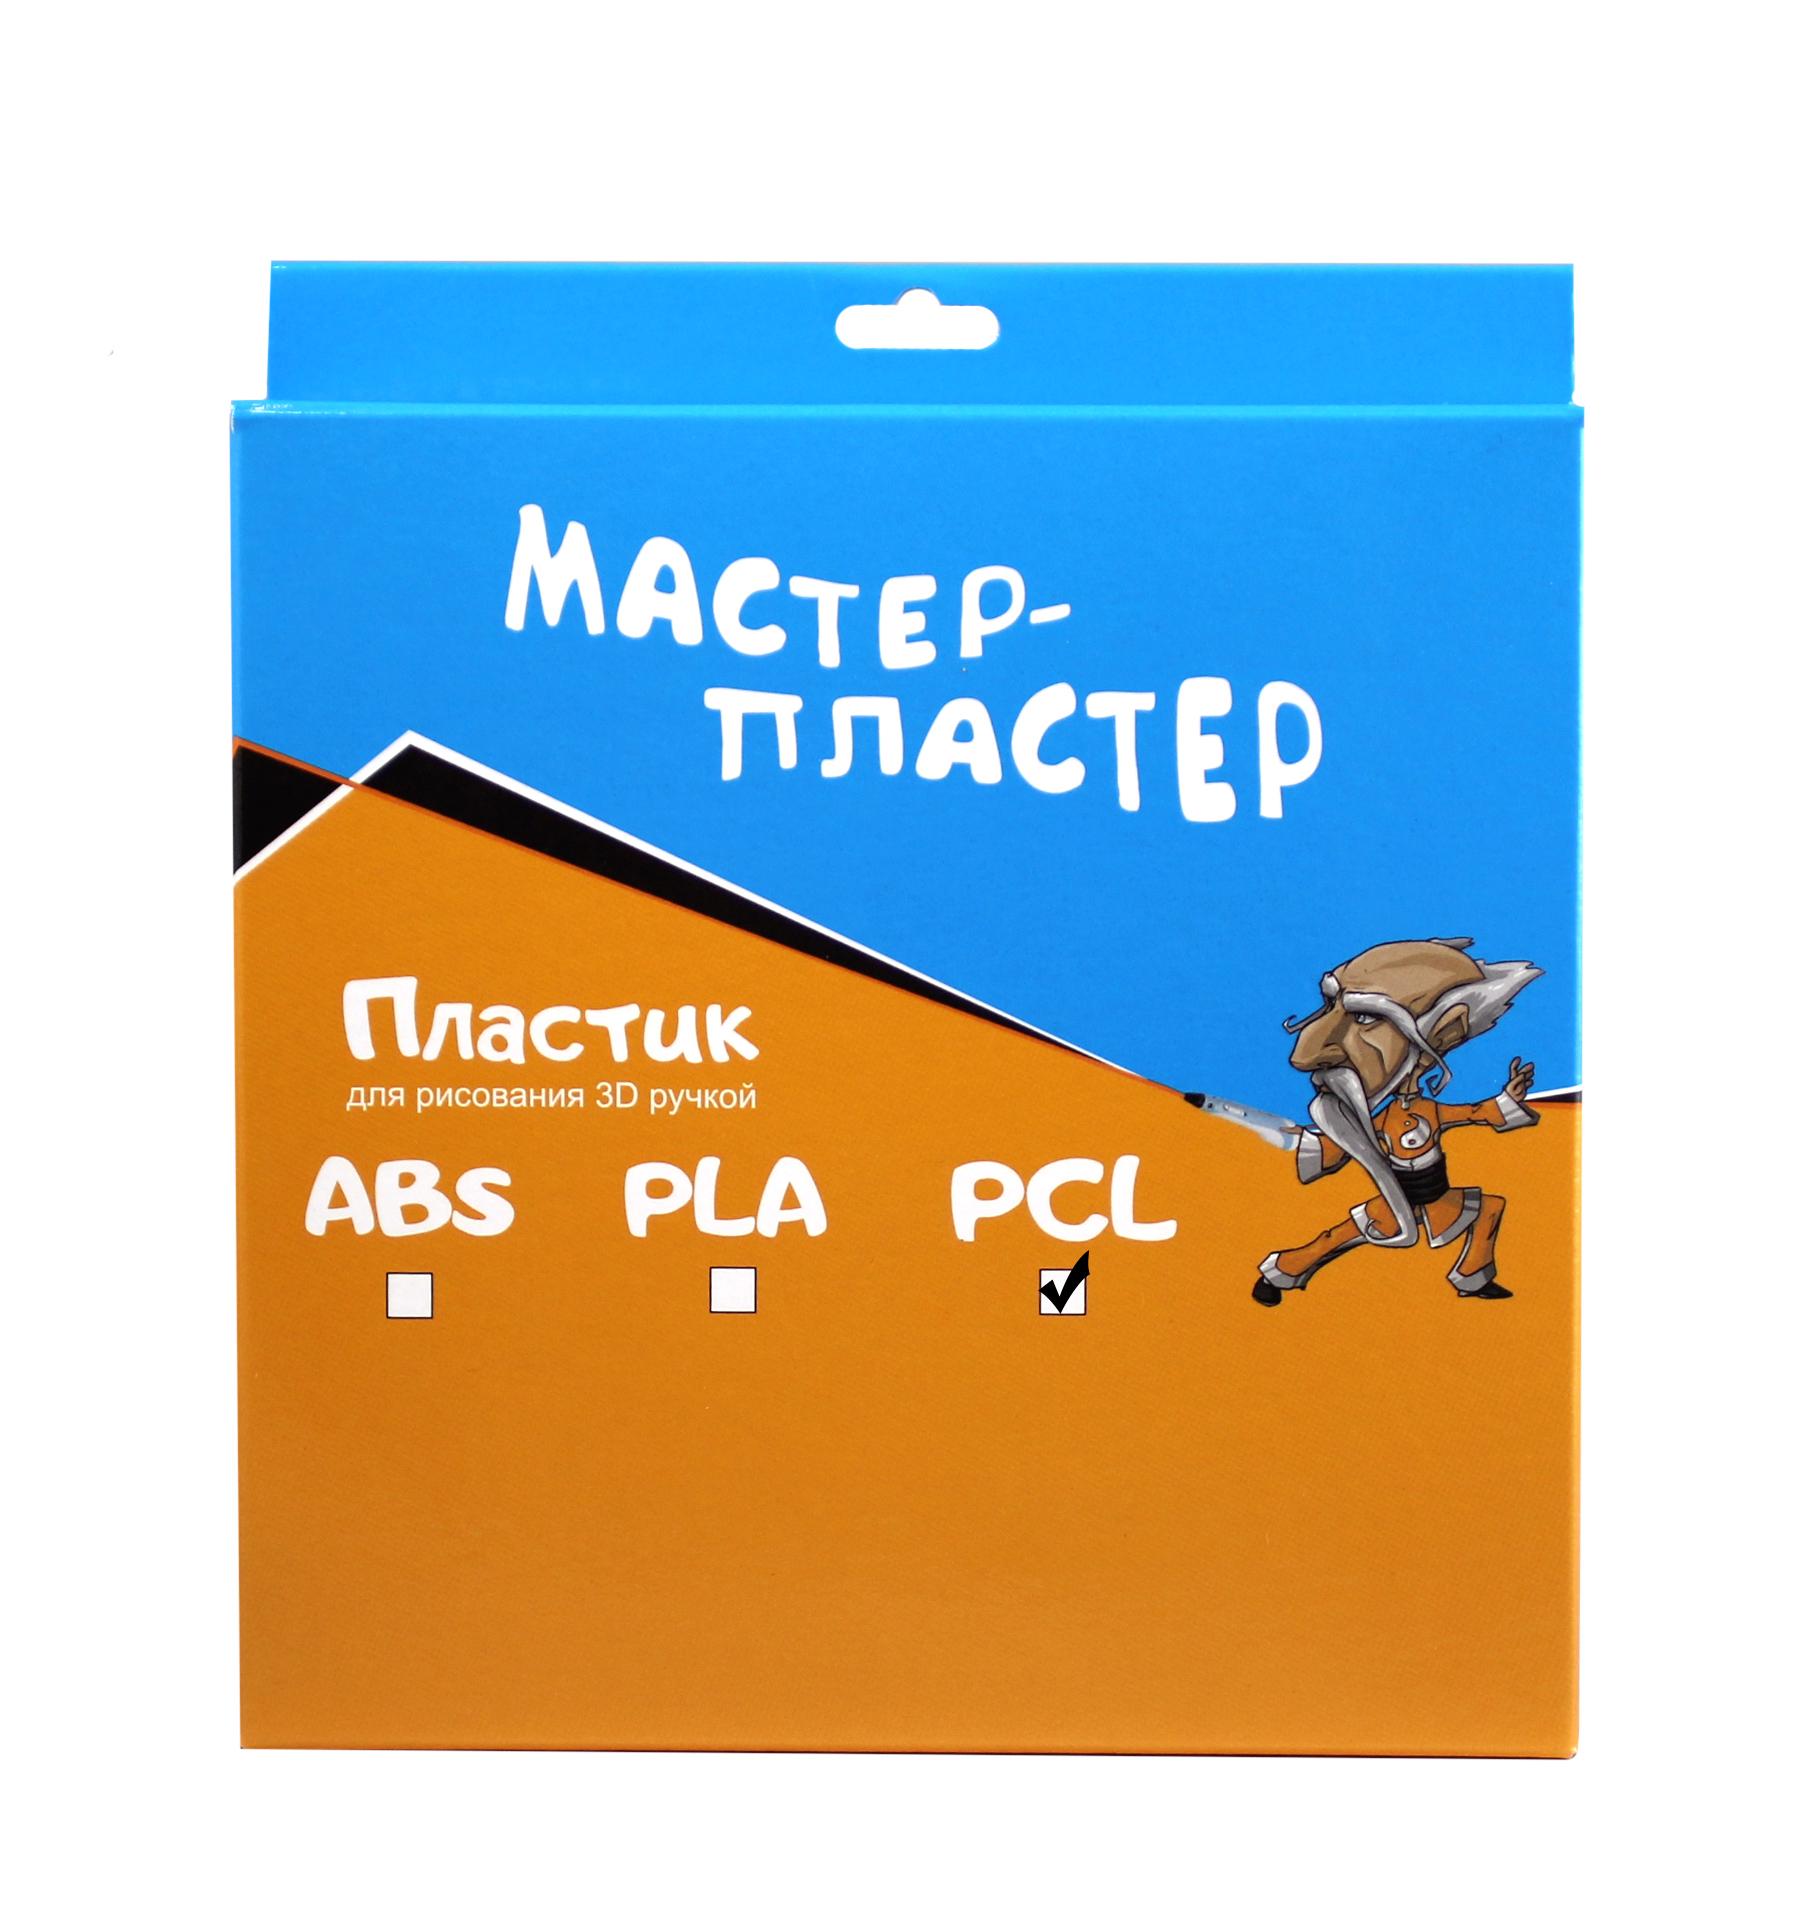 Картридж для 3D ручки Мастер-Пластер Набор цветного PCL-пластика